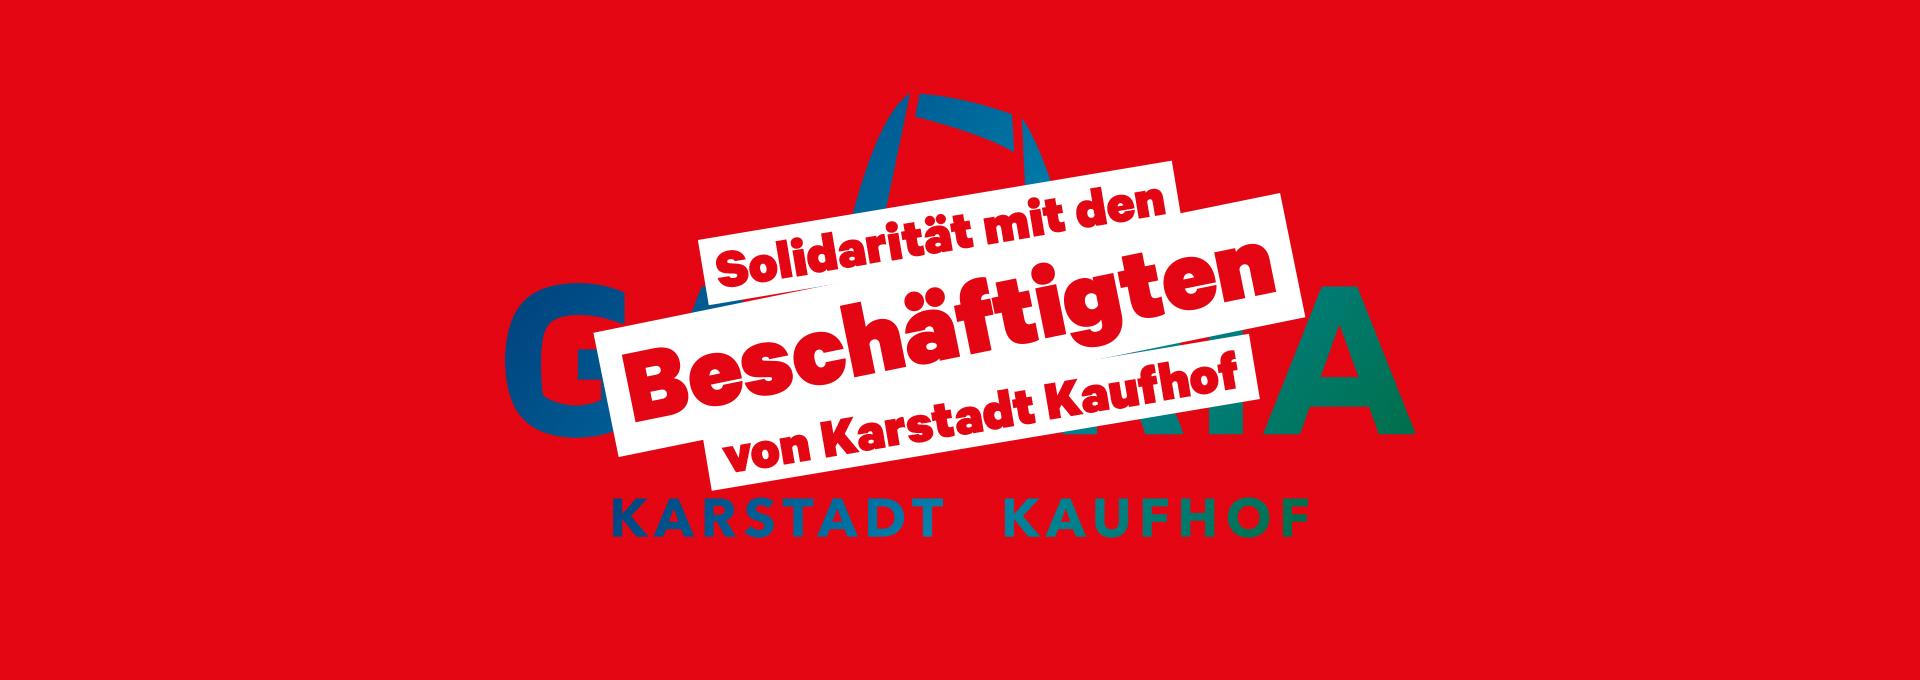 Solidarität mit den Beschäftigten von Karstadt Kaufhof